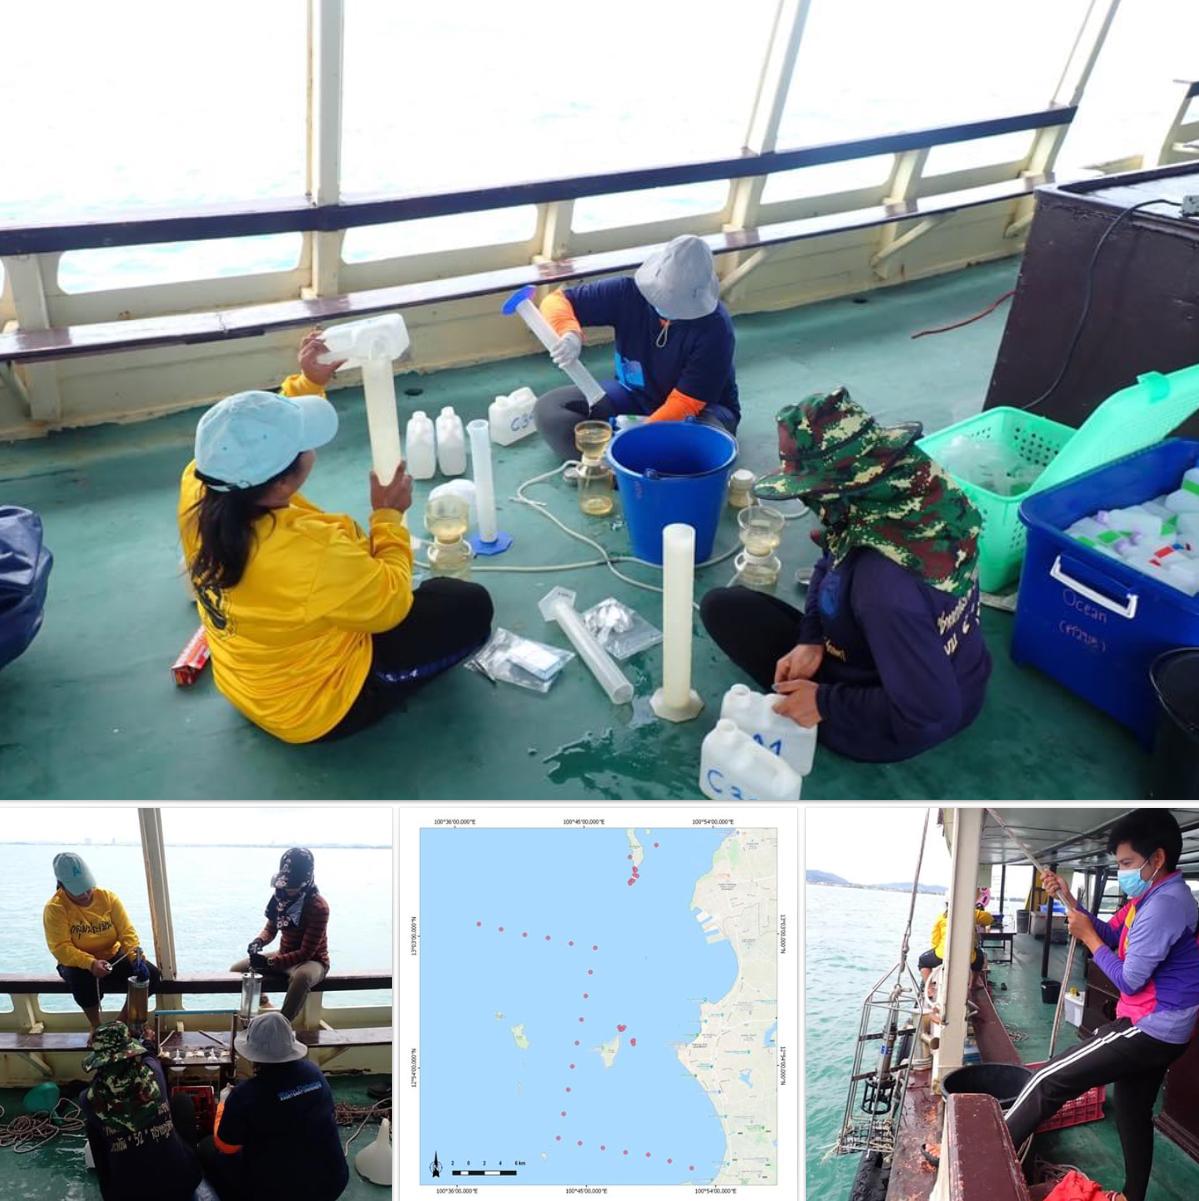 สำรวจคุณภาพน้ำทะเลหมู่เกาะชลบุรี อยู่ในเกณฑ์ปกติดี